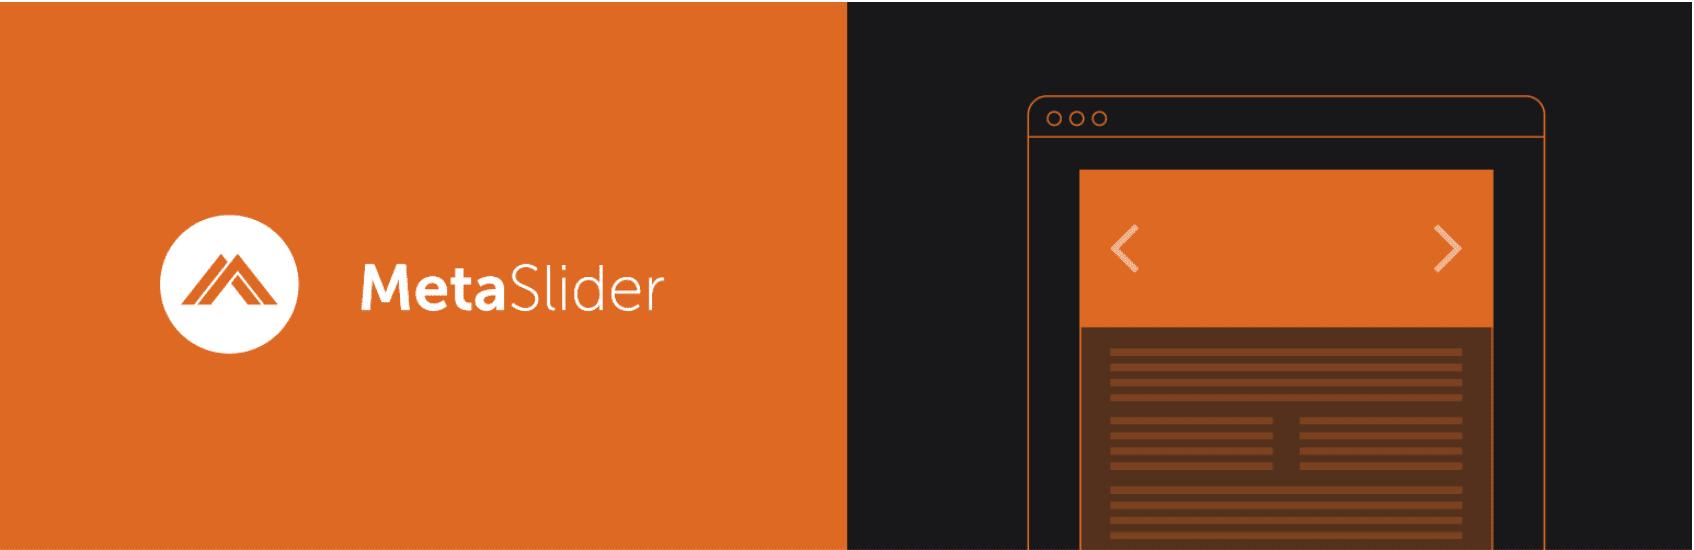 The MetaSlider plugin.